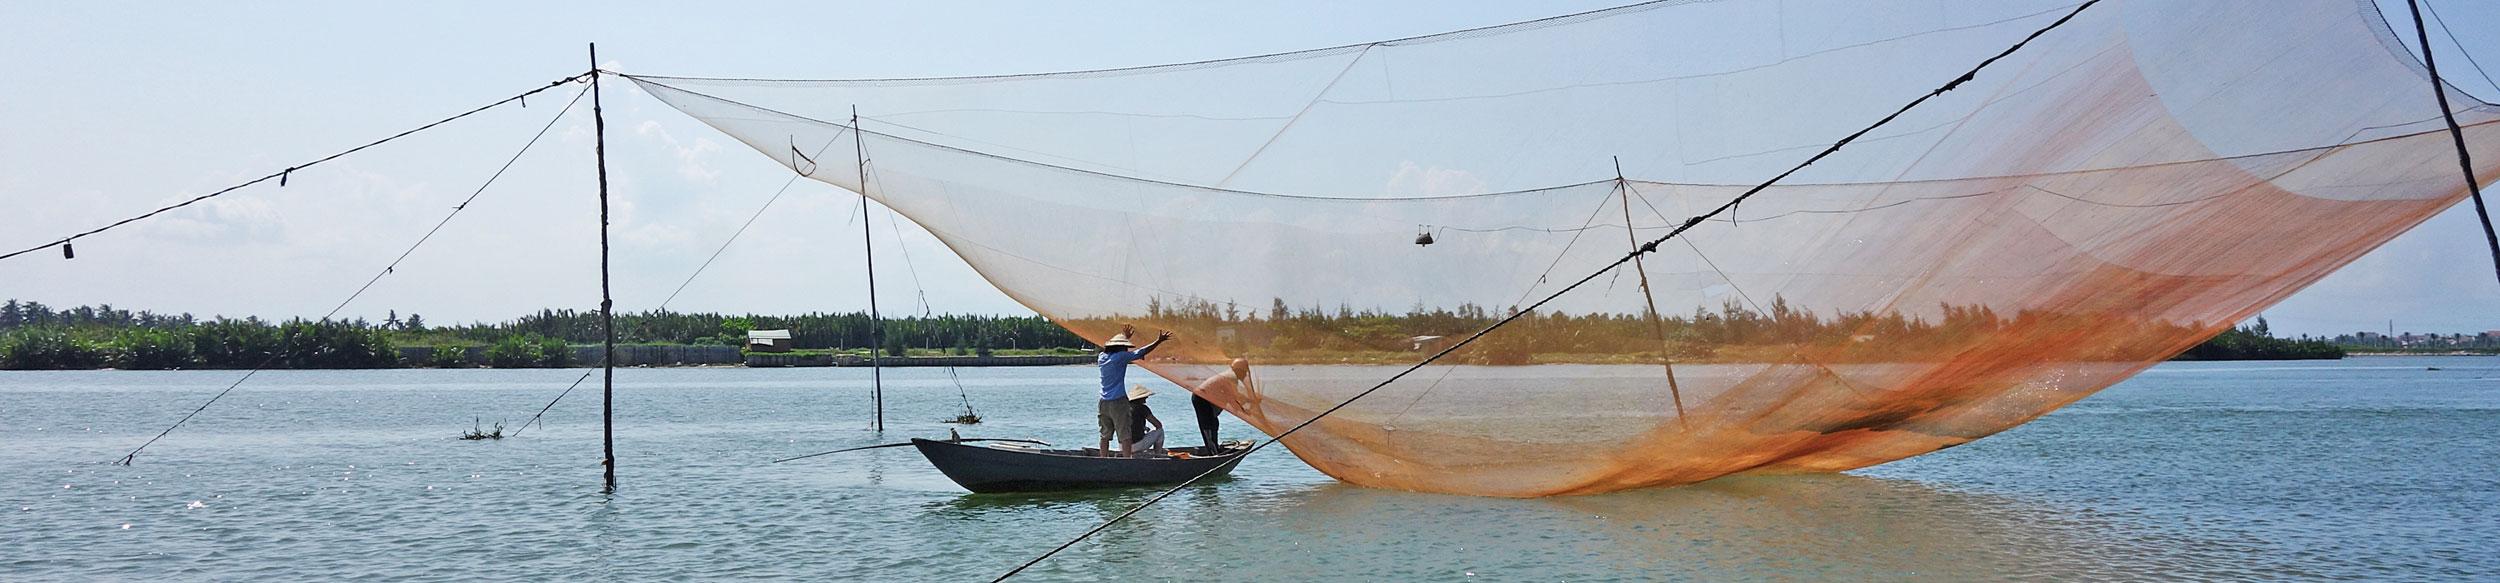 pêche au carrelet à Cam Thanh à Hoi An